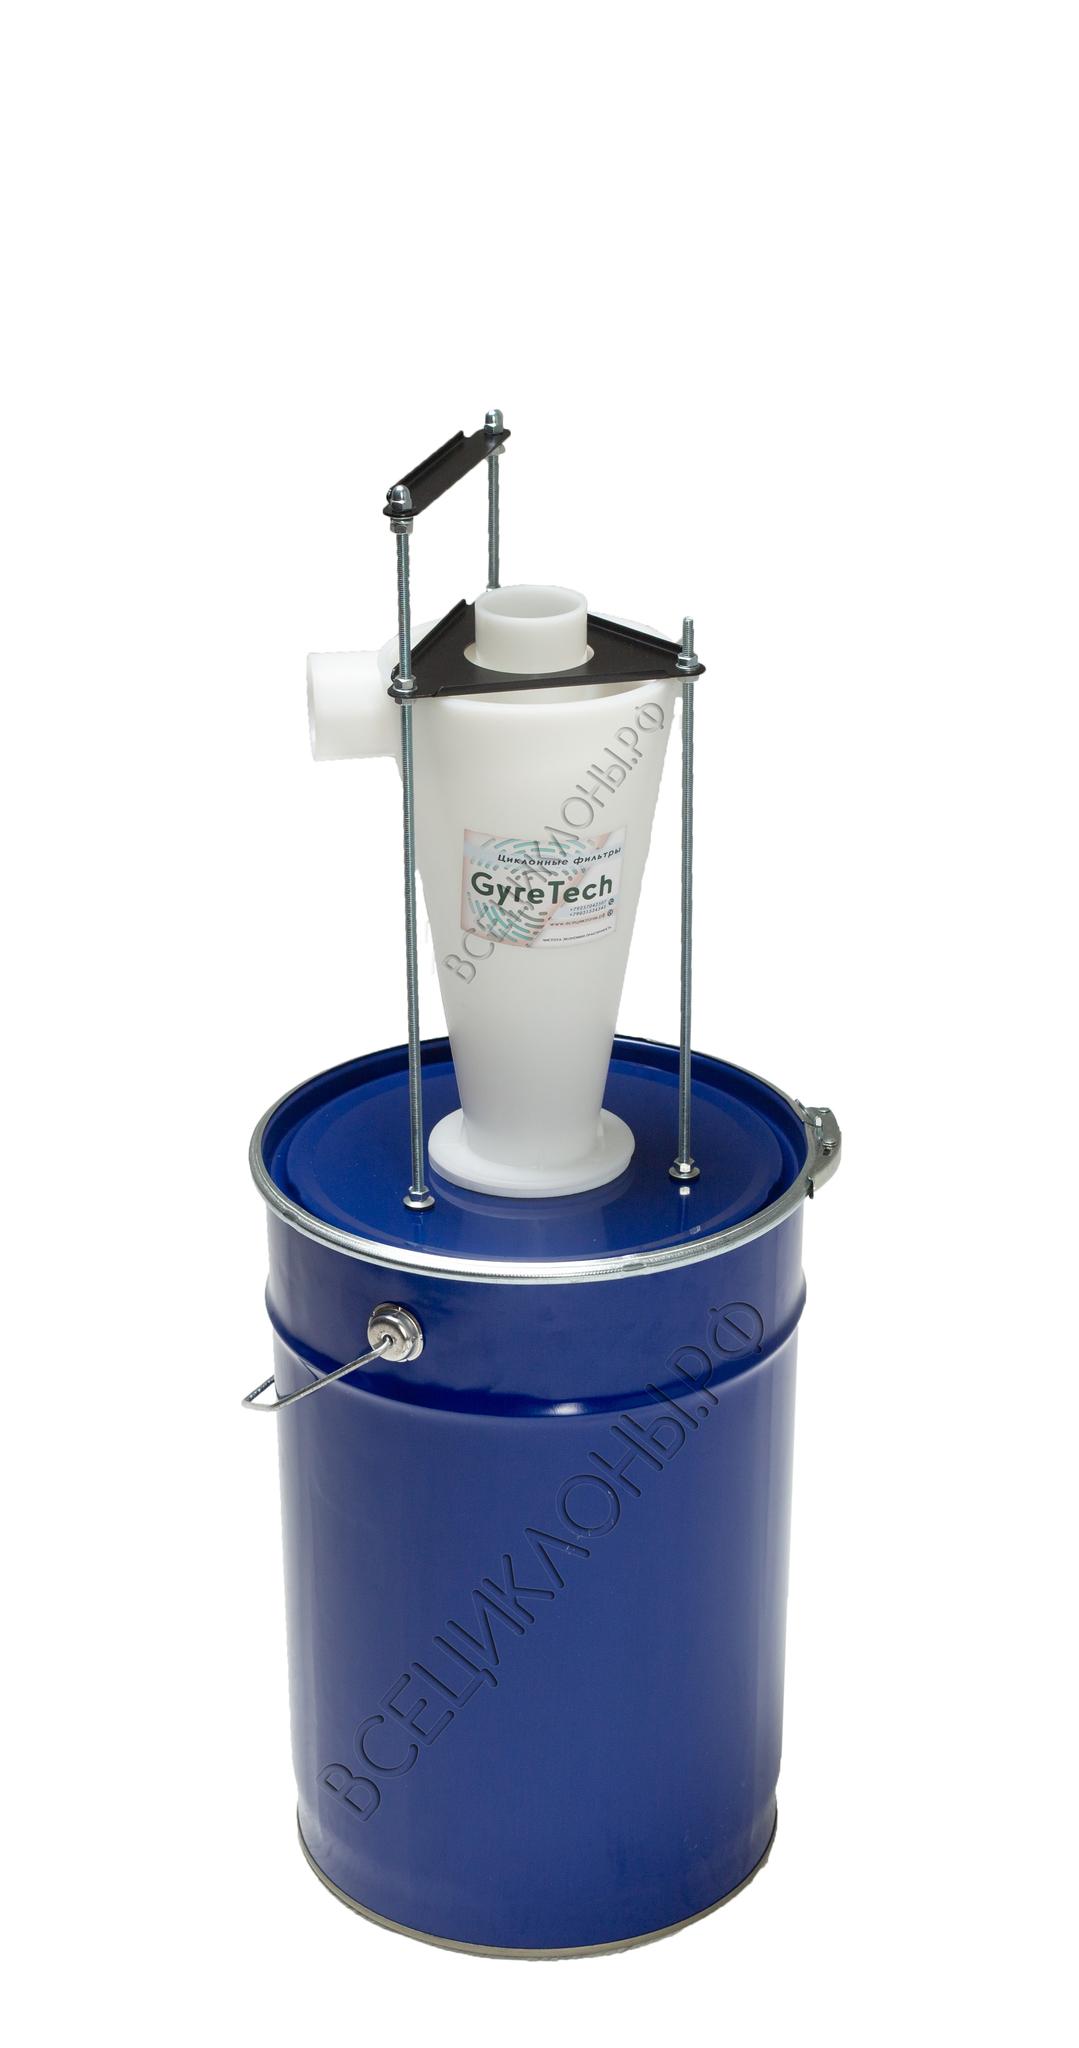 Скелетный крепёж для циклона М-1, пылесборник и циклонный фильтр продаются отдельно